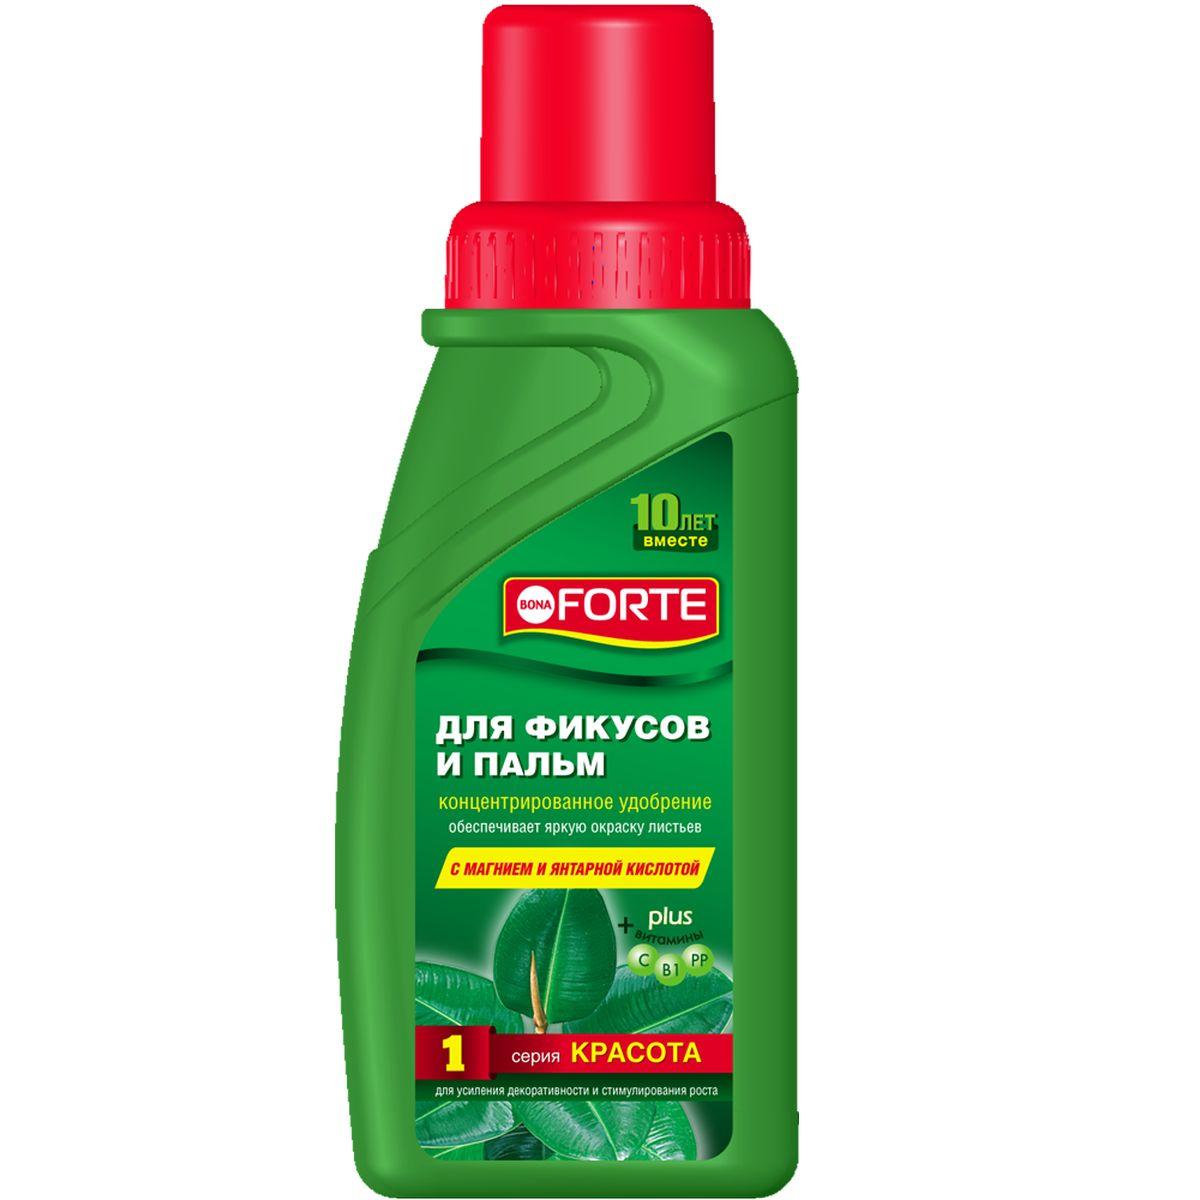 Жидкое комплексное удобрение Bona Forte, 285 мл (серия КРАСОТА)BF-21-01-022-1Специальный состав удобрений придает сочную зелень листьям, стимулирует рост побегов и защищает иммунитет.